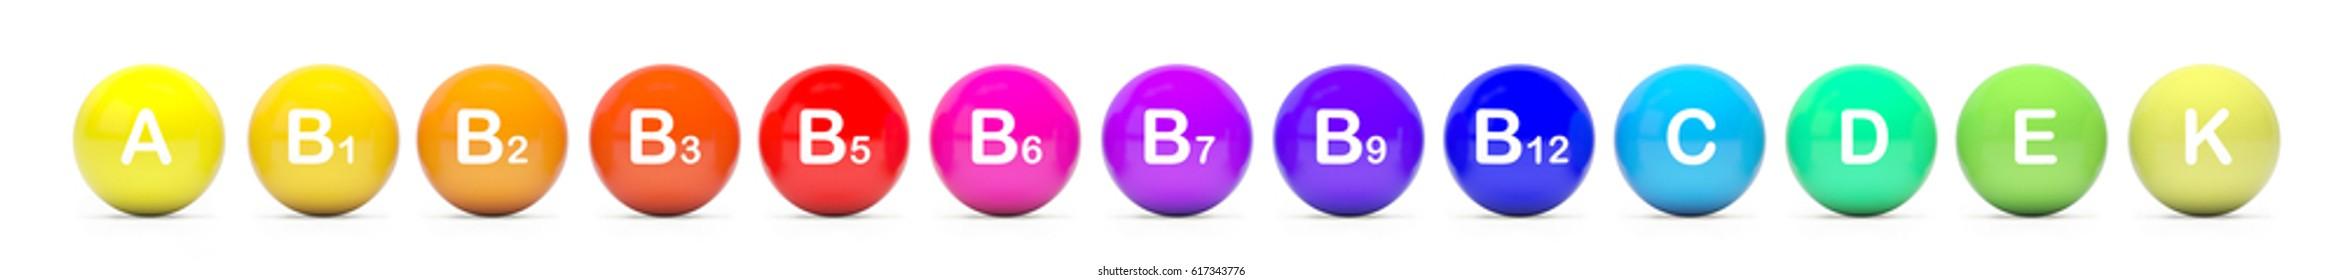 Vitamin a, b1, b2, b3, b5, b6, b7, b9, b12 , c, d, e, k. 3d-Illustration  Isolated on white background.